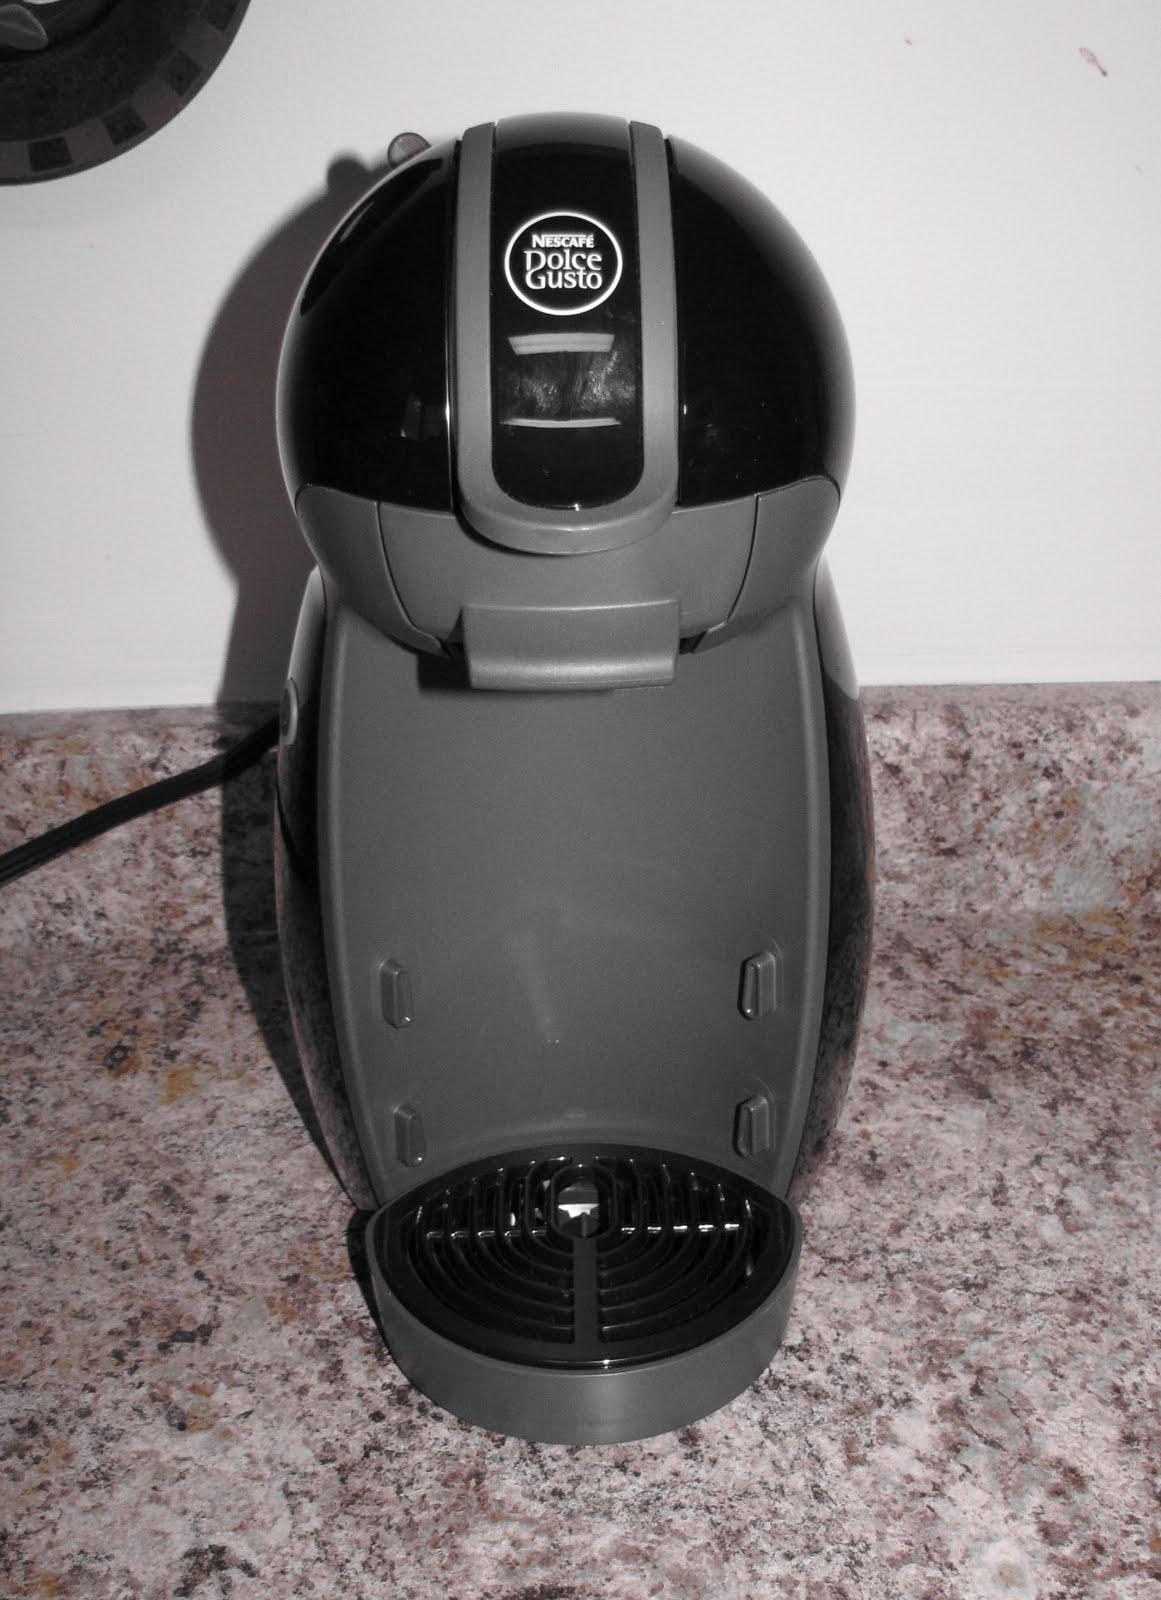 NESCAFe Dolce Gusto Piccolo Coffee Maker